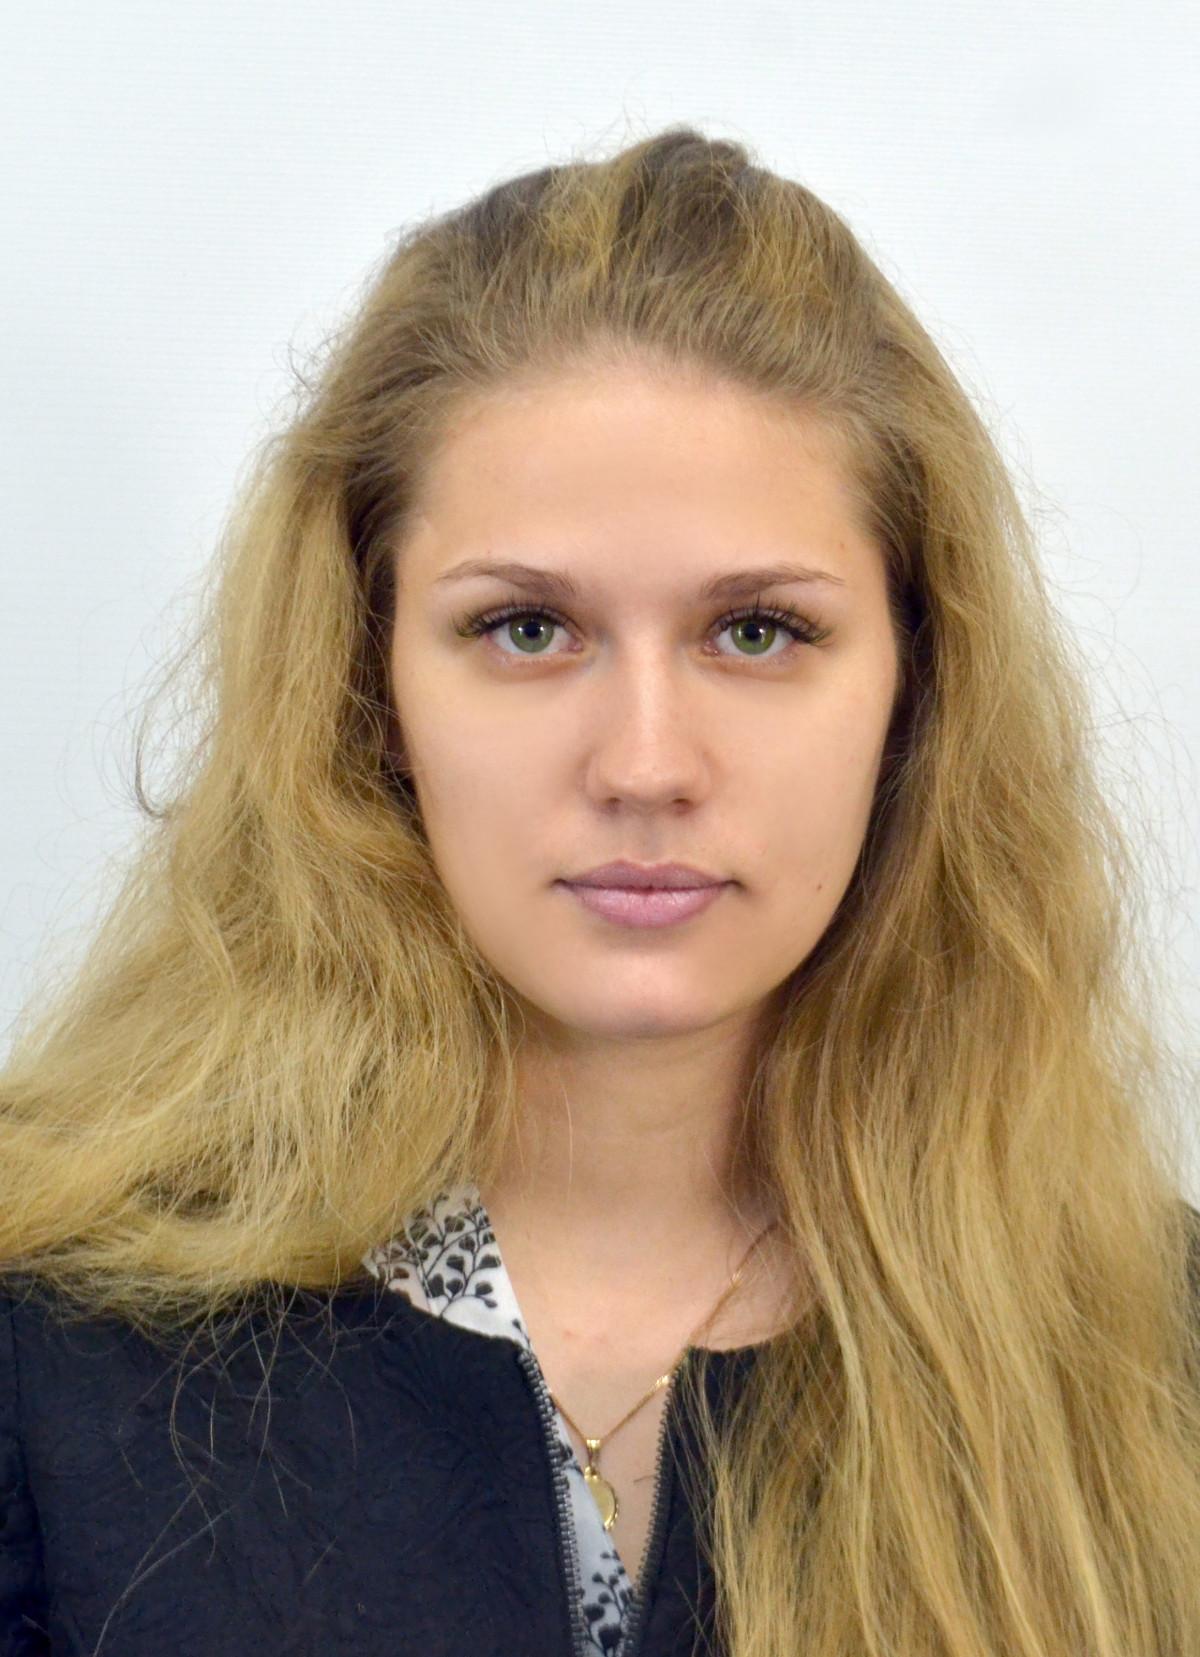 Následek hojení kůže, krása mladá žena před a po t — Stock